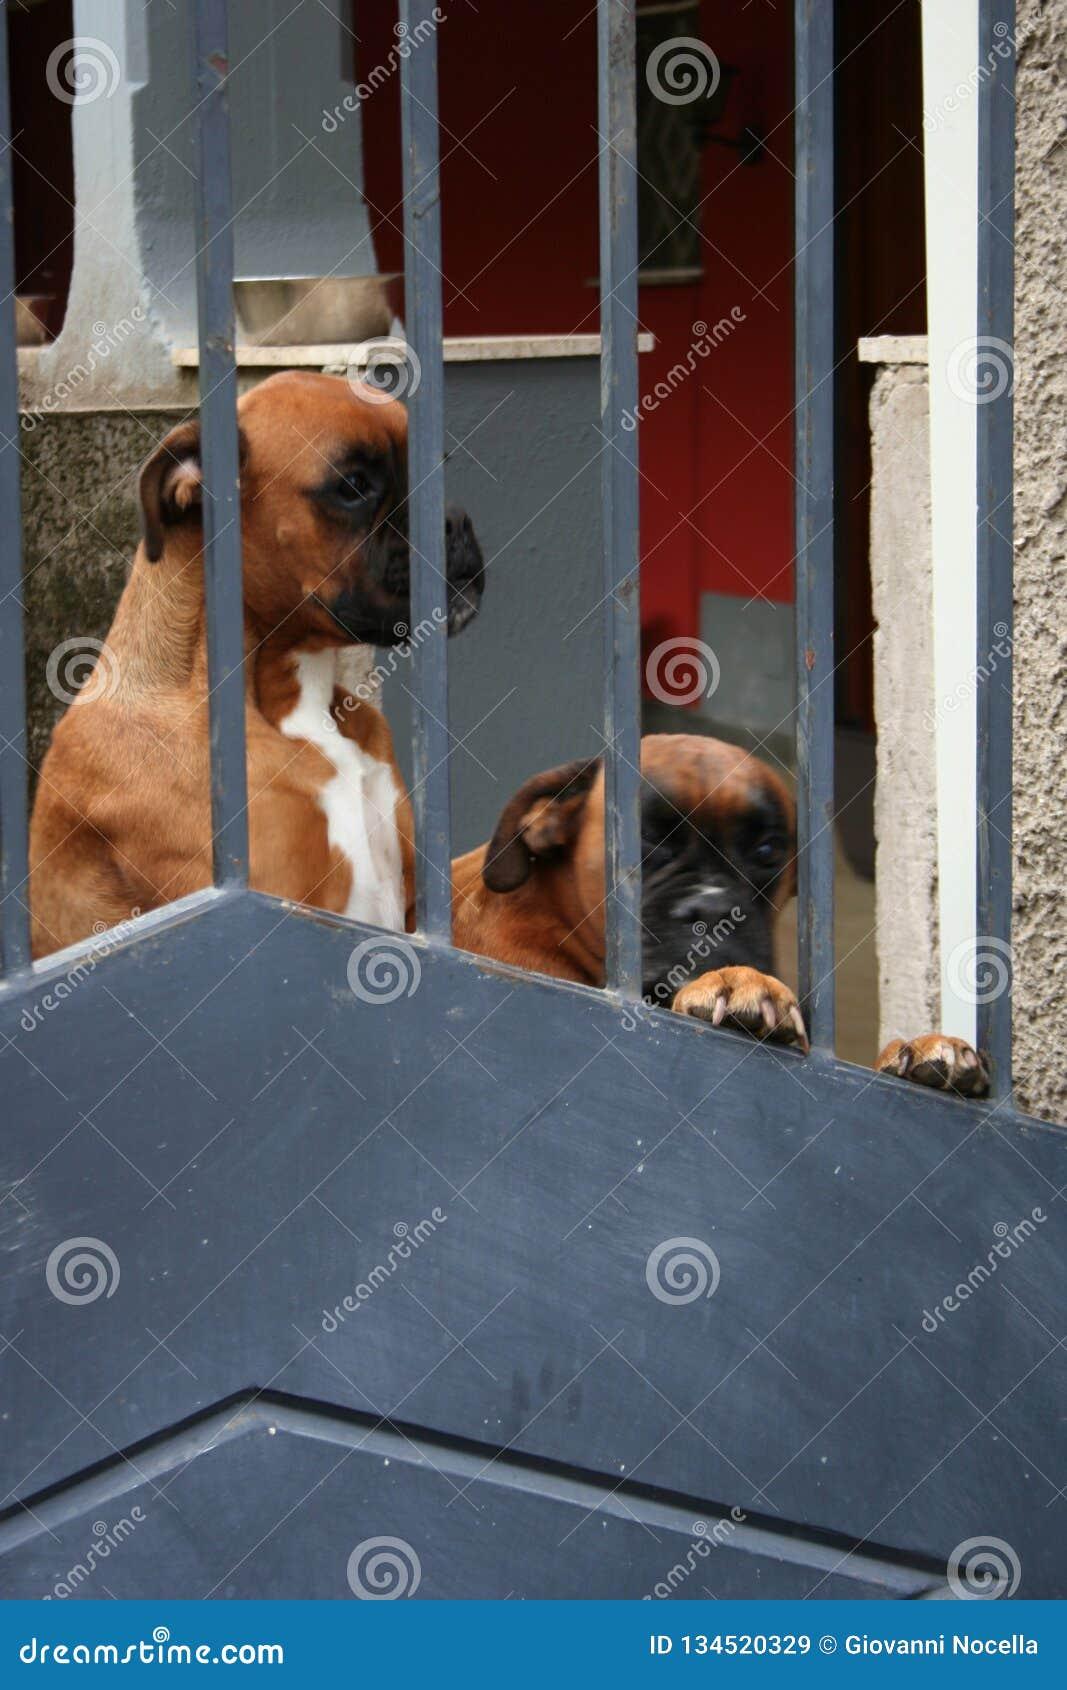 ΦΑΝΤΑΣΤΙΚΑ ΣΚΥΛΙΑ - ρολόι έξω! Φρουρά δύο σκυλιών μπόξερ πίσω από μια πύλη